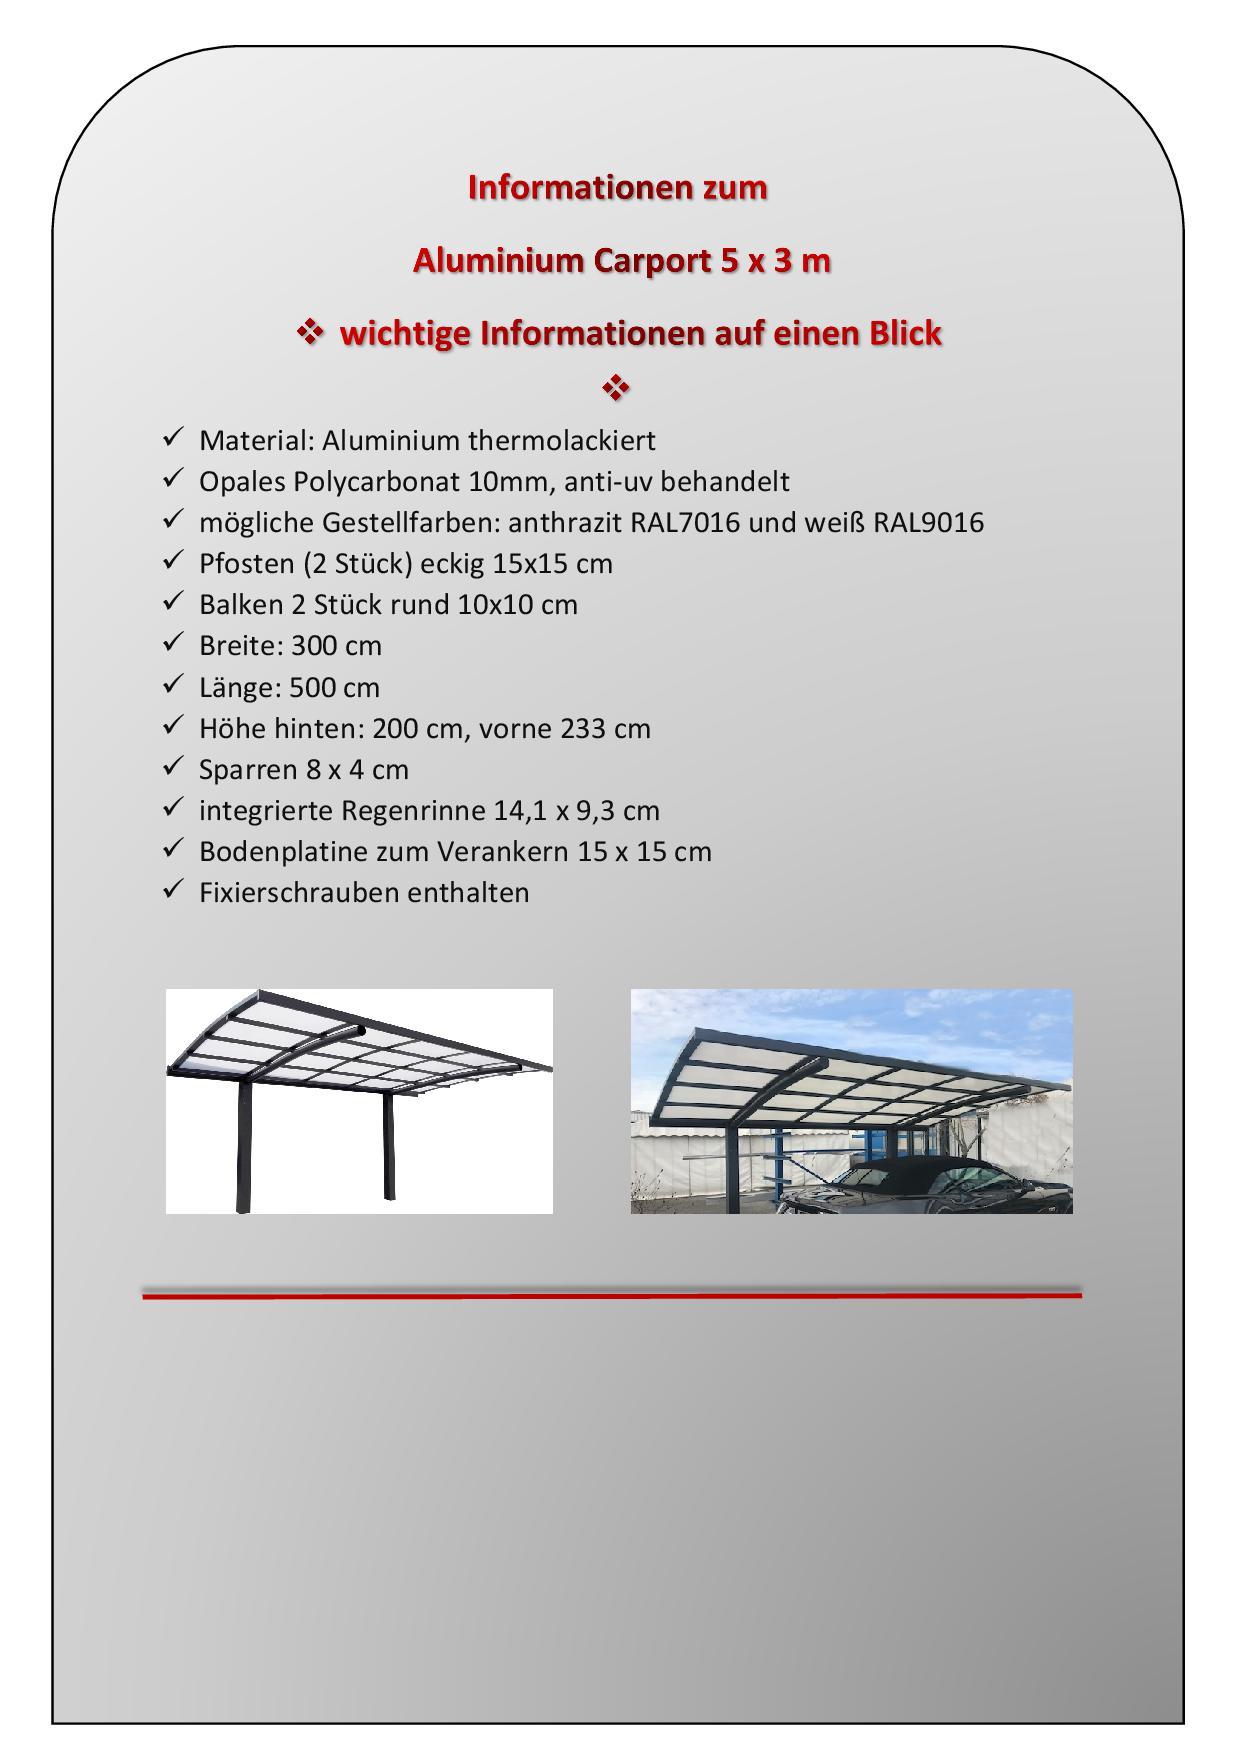 Vorlage-Carport-Aluminium-5-x-3-m-Markisen-made-in-GermanyOPjPoSpJhijrA